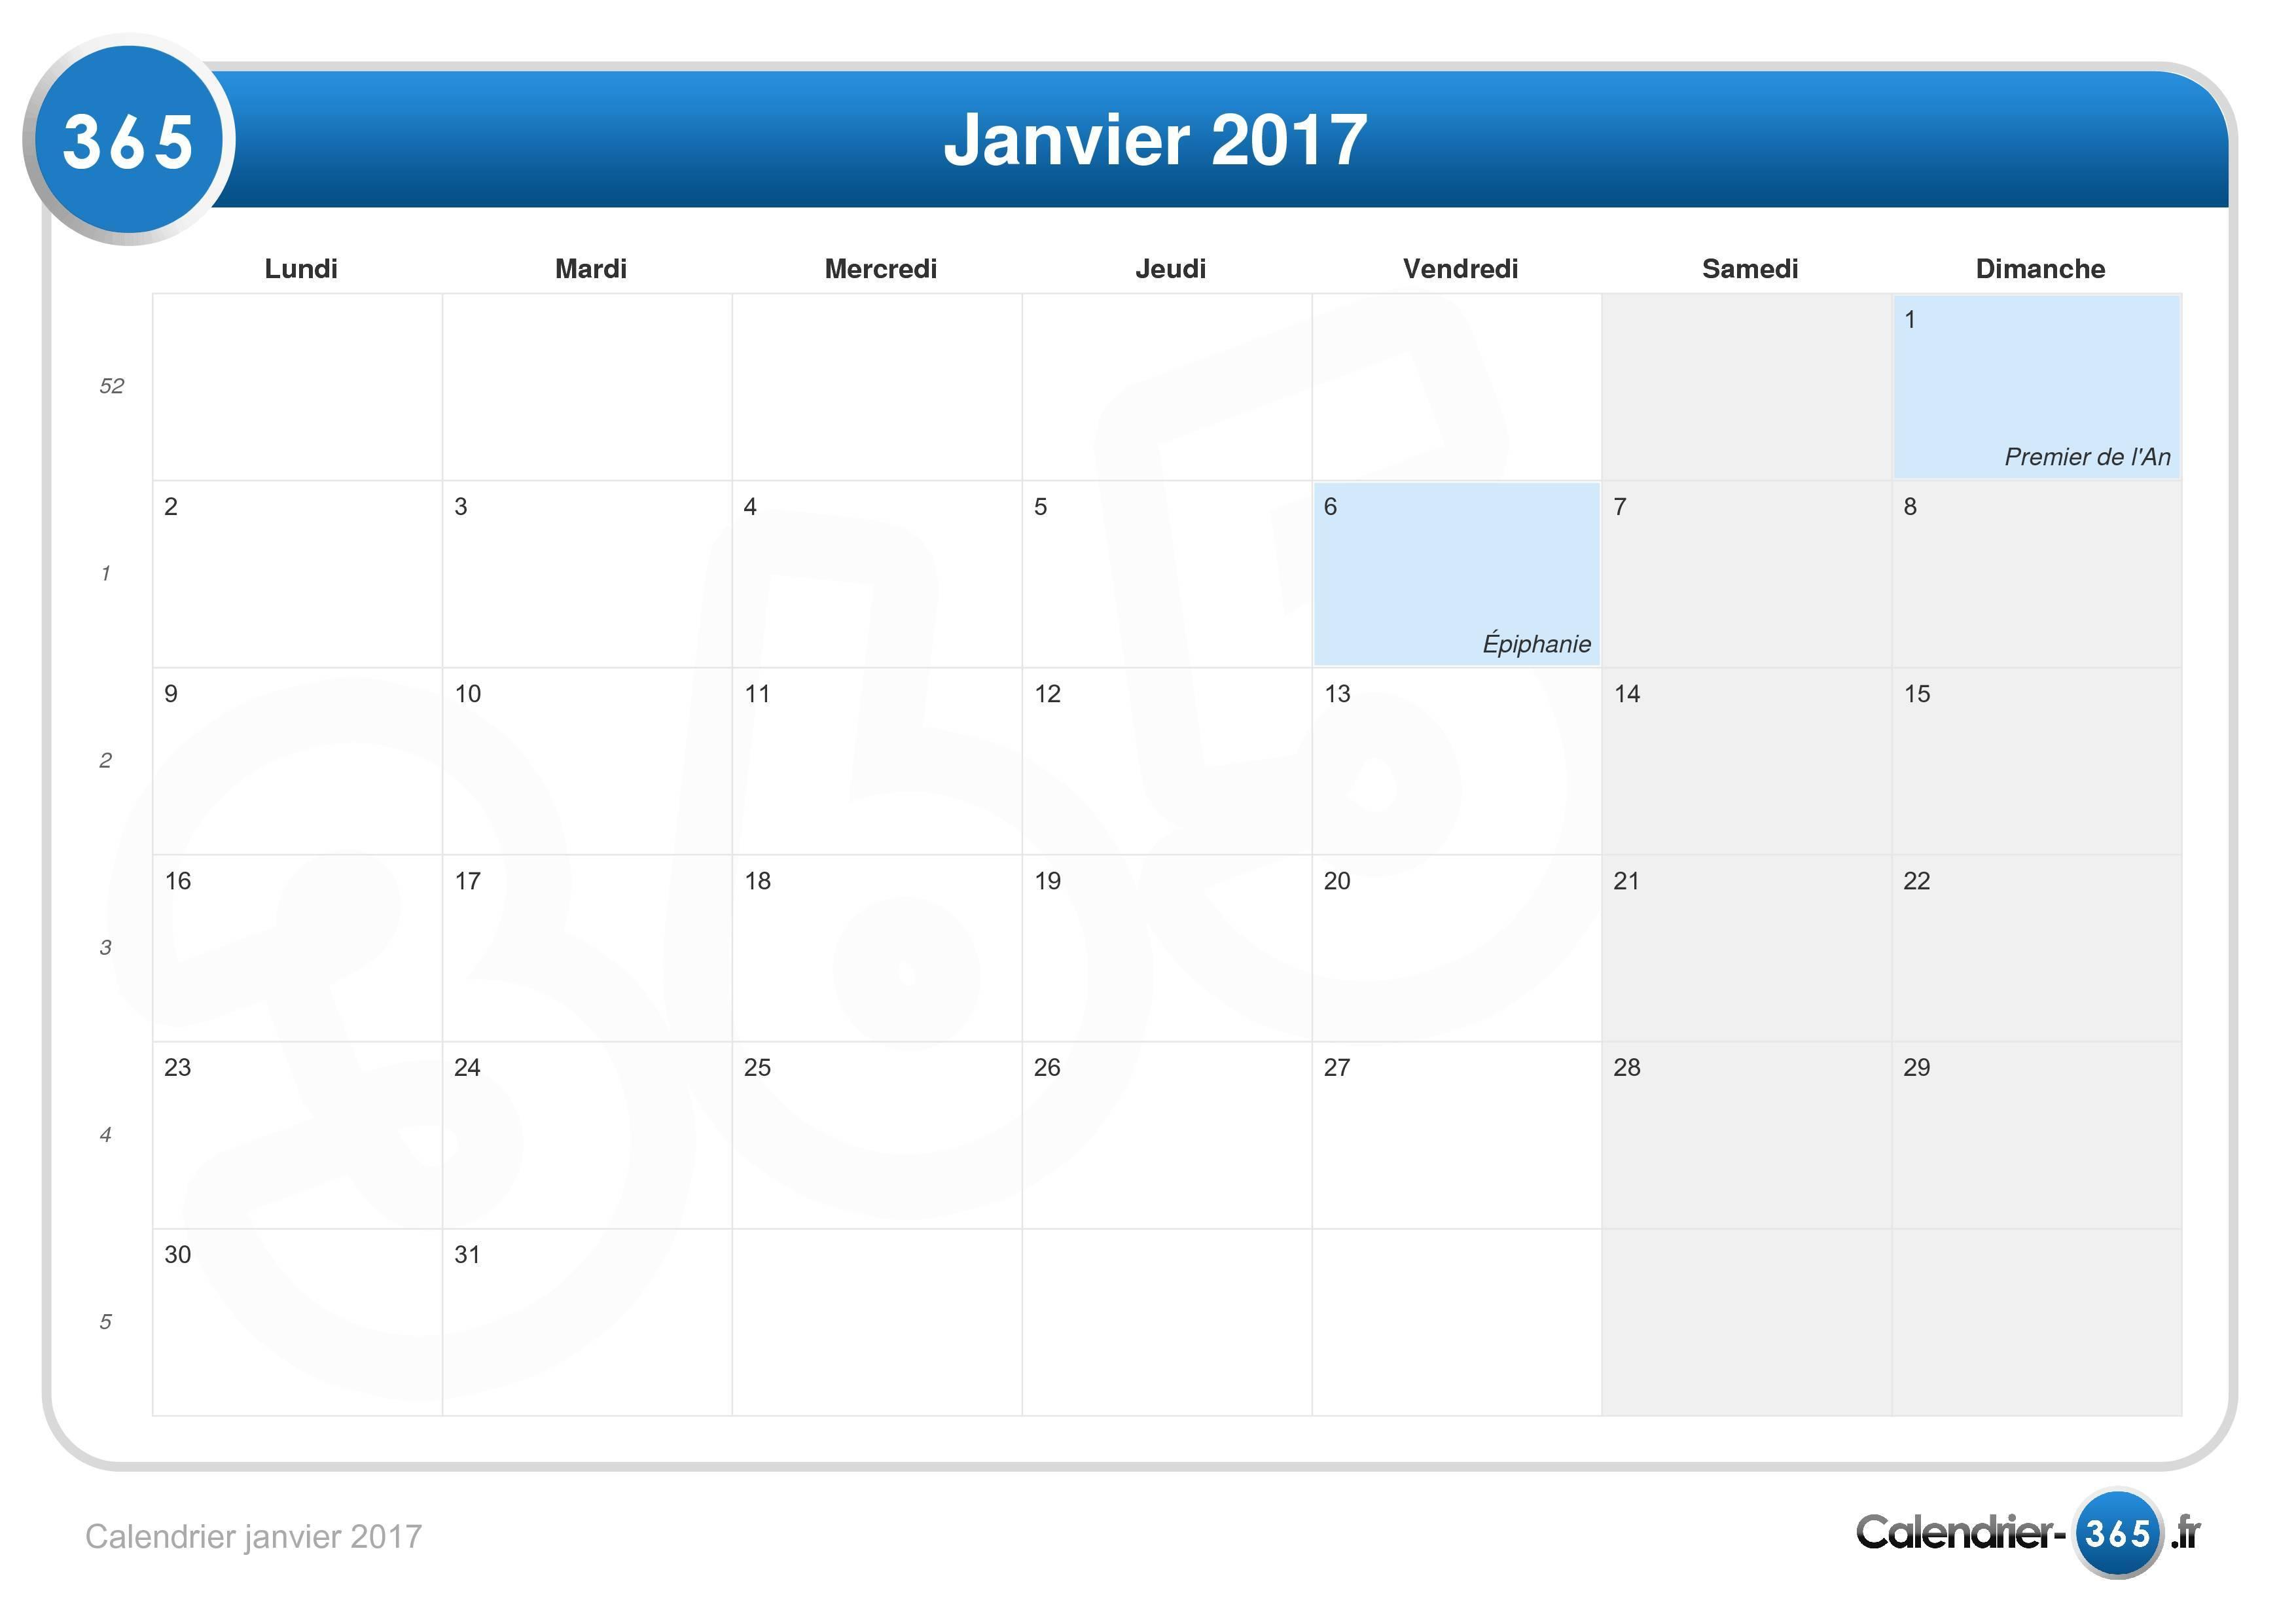 Calendrier janvier 2017 - Les soldes janvier 2017 ...